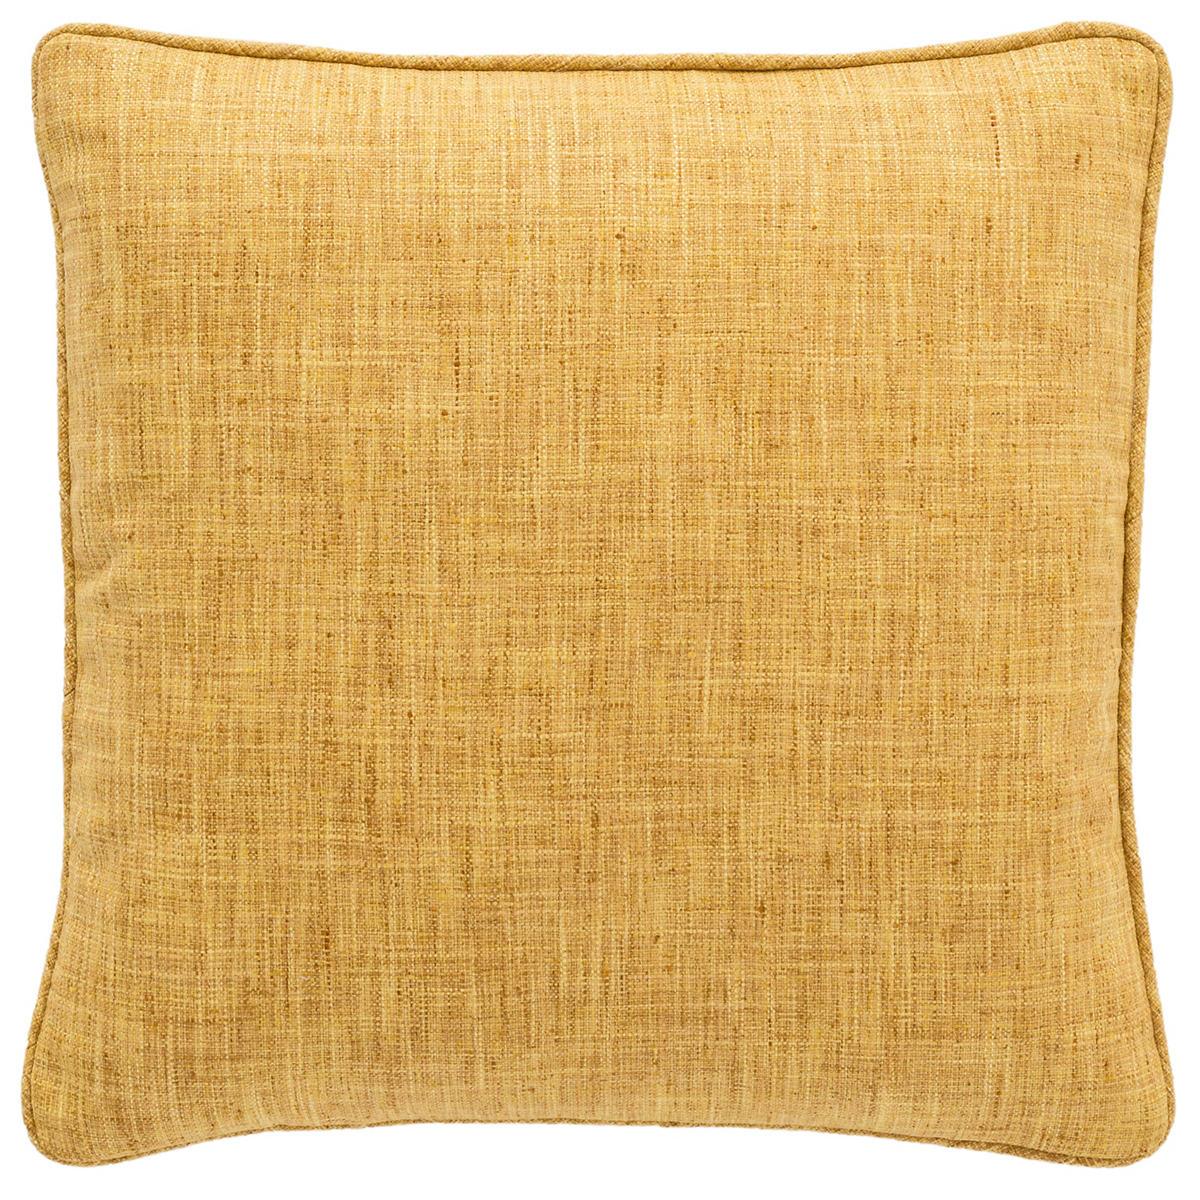 Greylock Gold Indoor/Outdoor Decorative Pillow